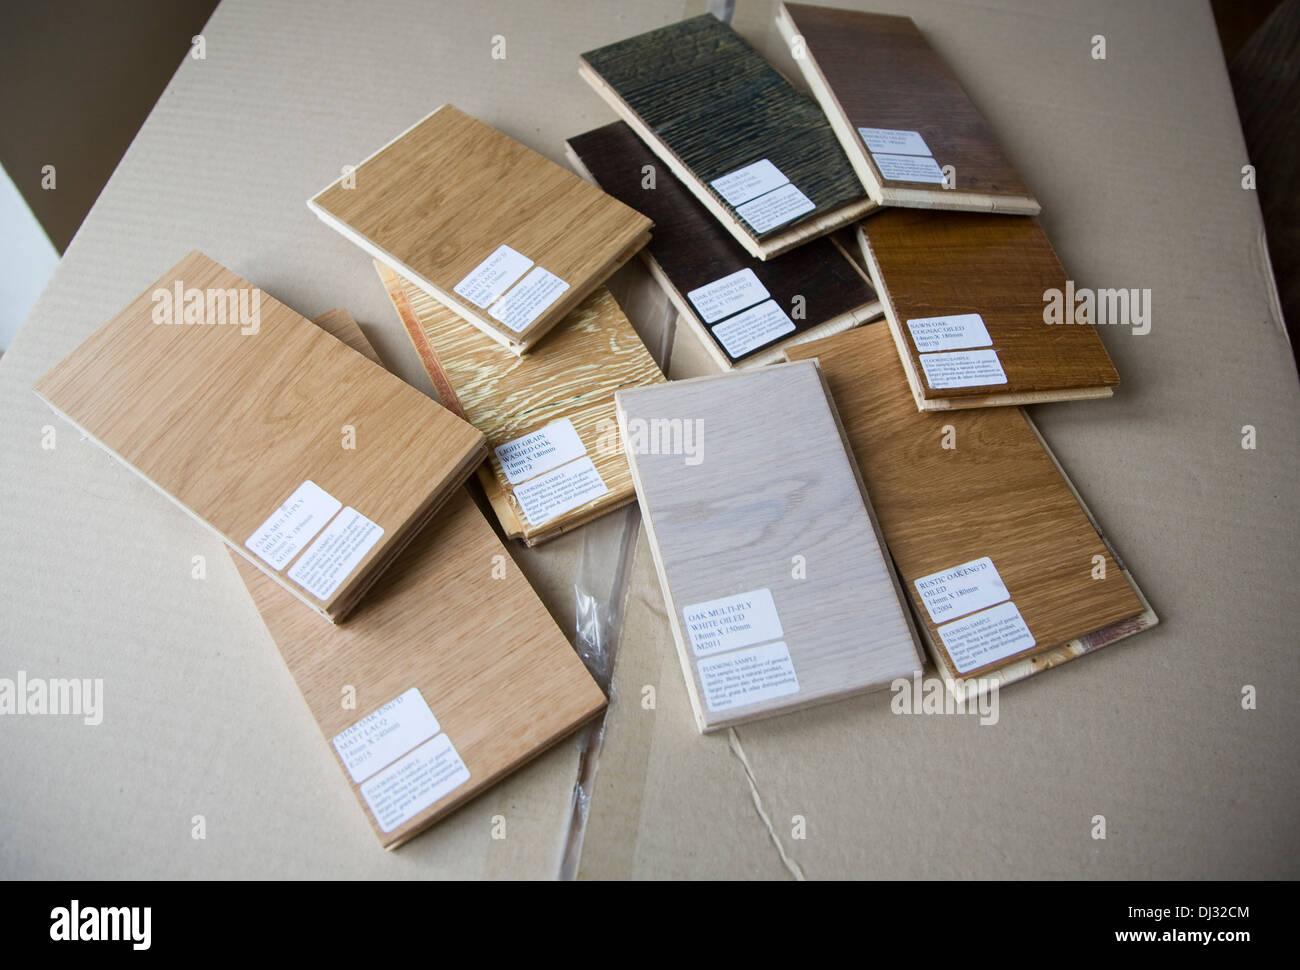 Sample wooden floor tiles - Stock Image